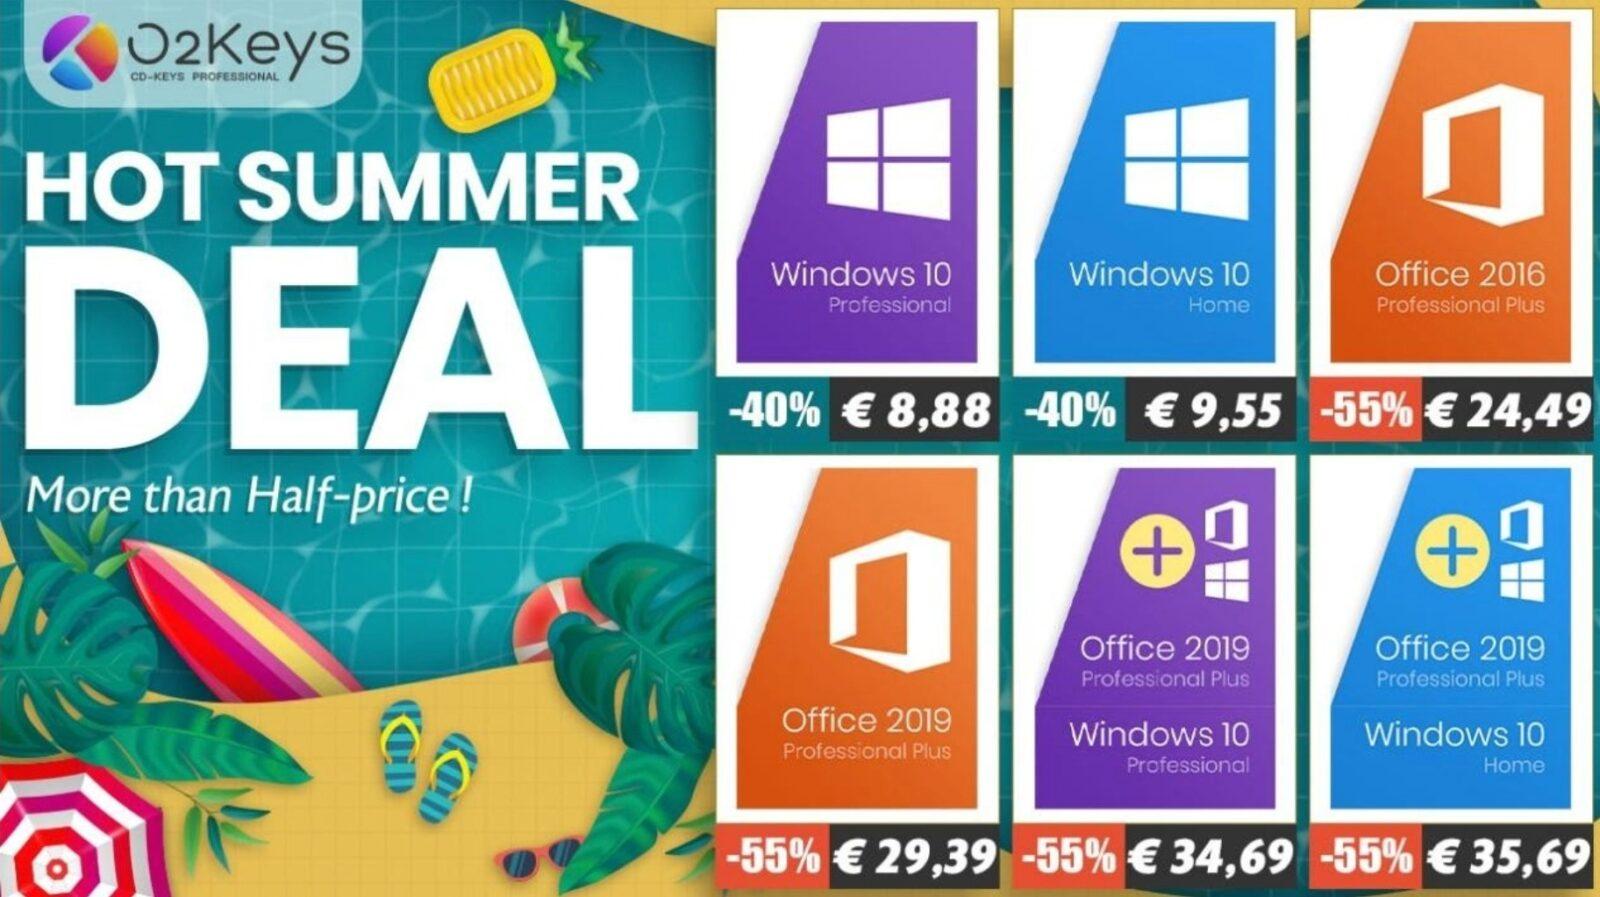 Office 2019 a soli 29 €, Windows 10 a soli 8 €: le offerte estive su licenze Microsoft di O2Keys